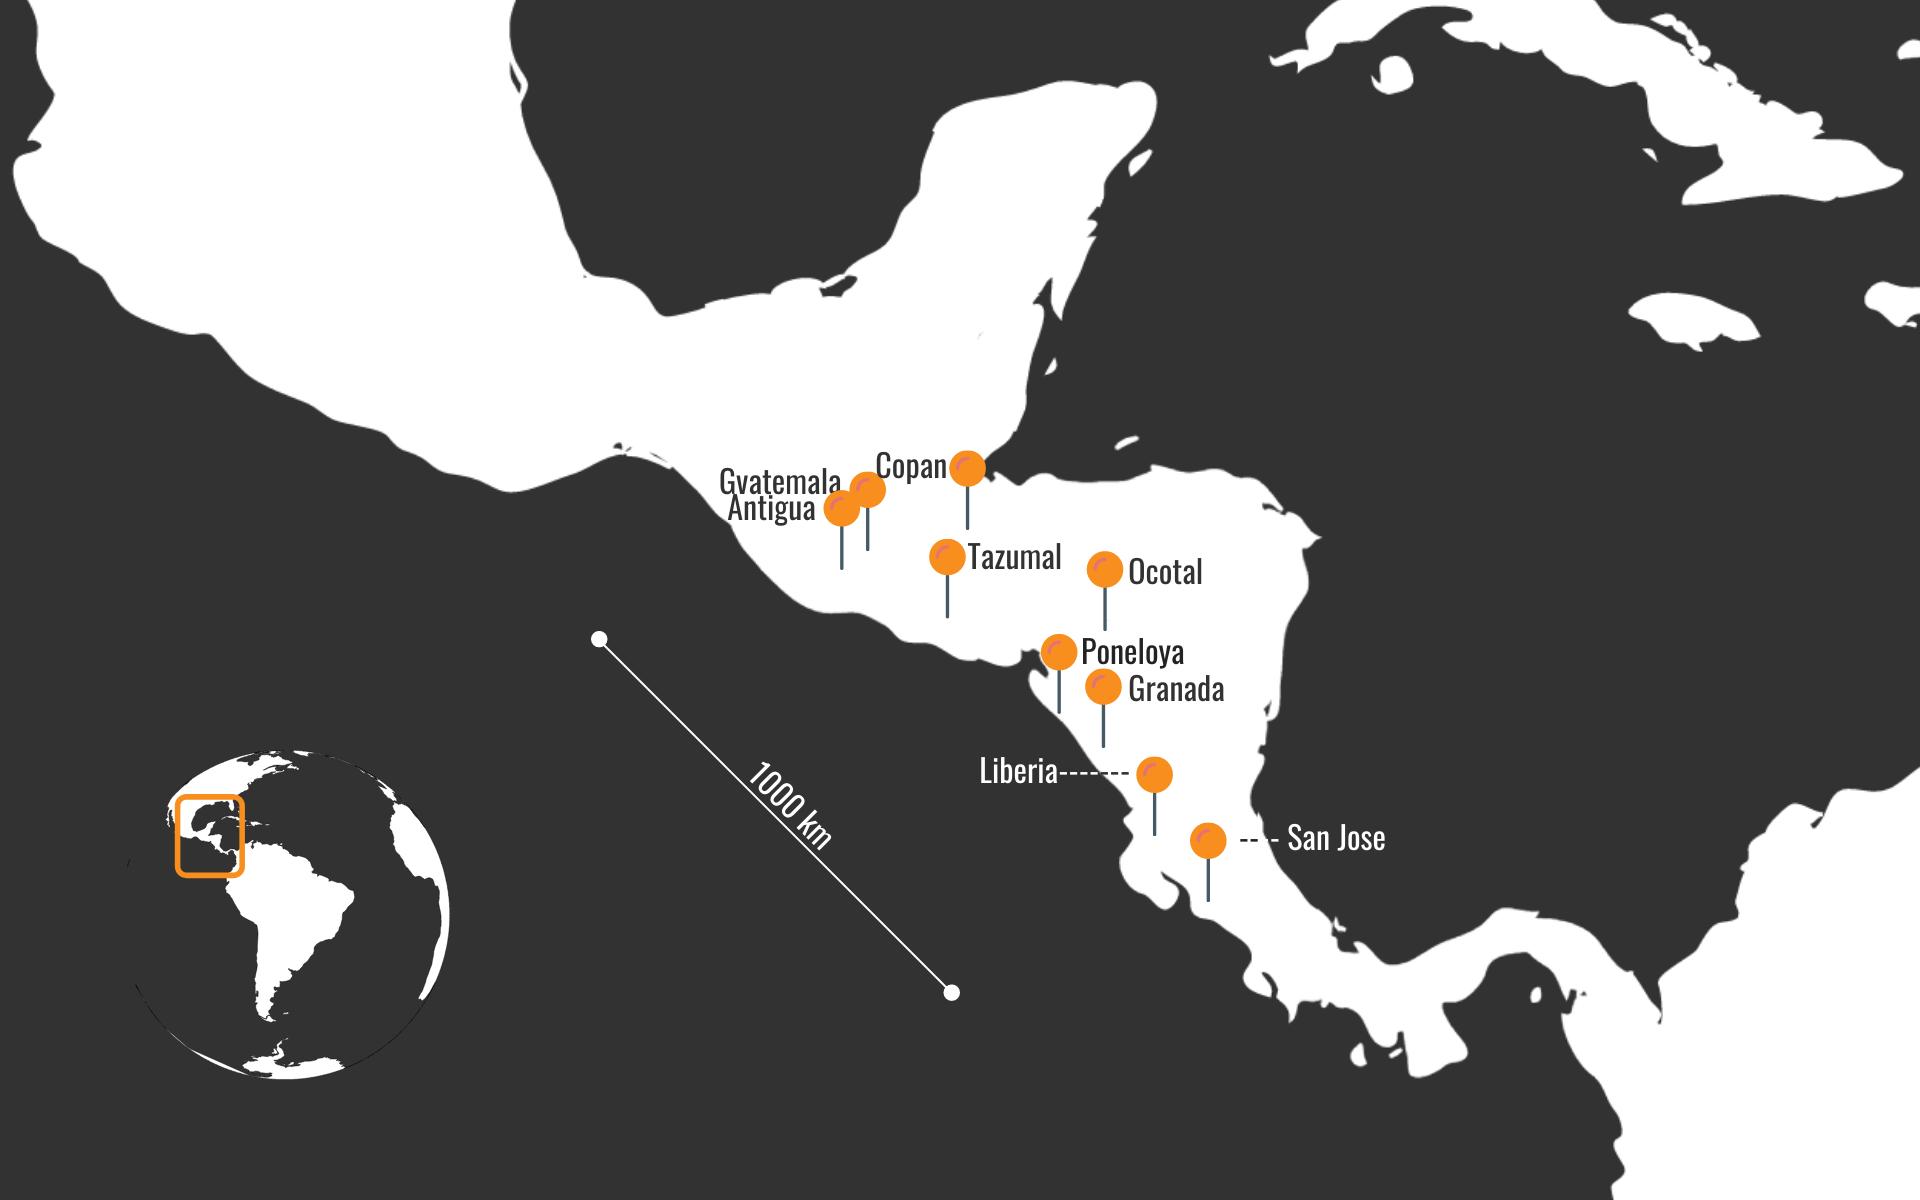 Srednja Amerika